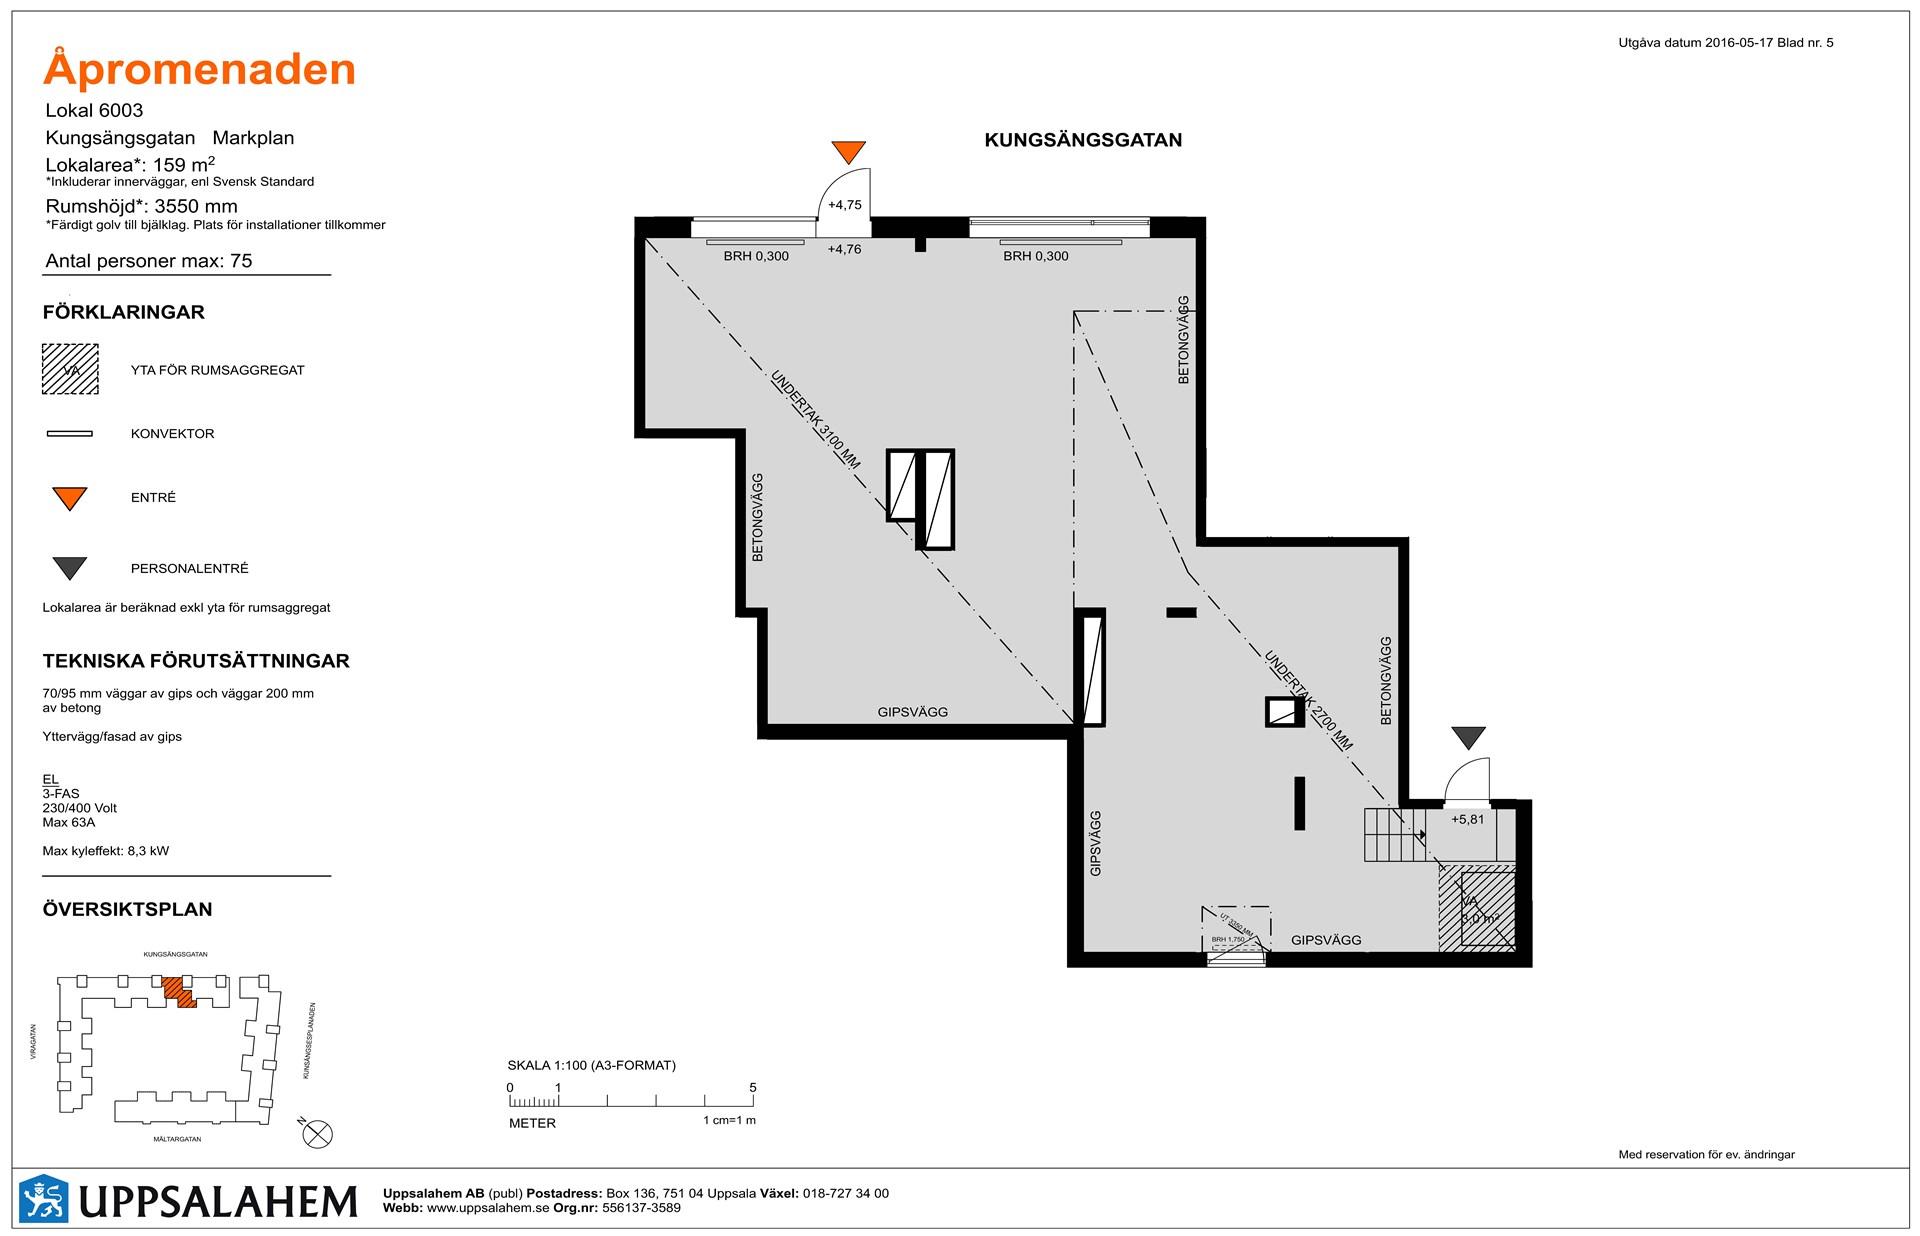 Lokal 3 - 159 m² Inflytt kvartal 3, 2017